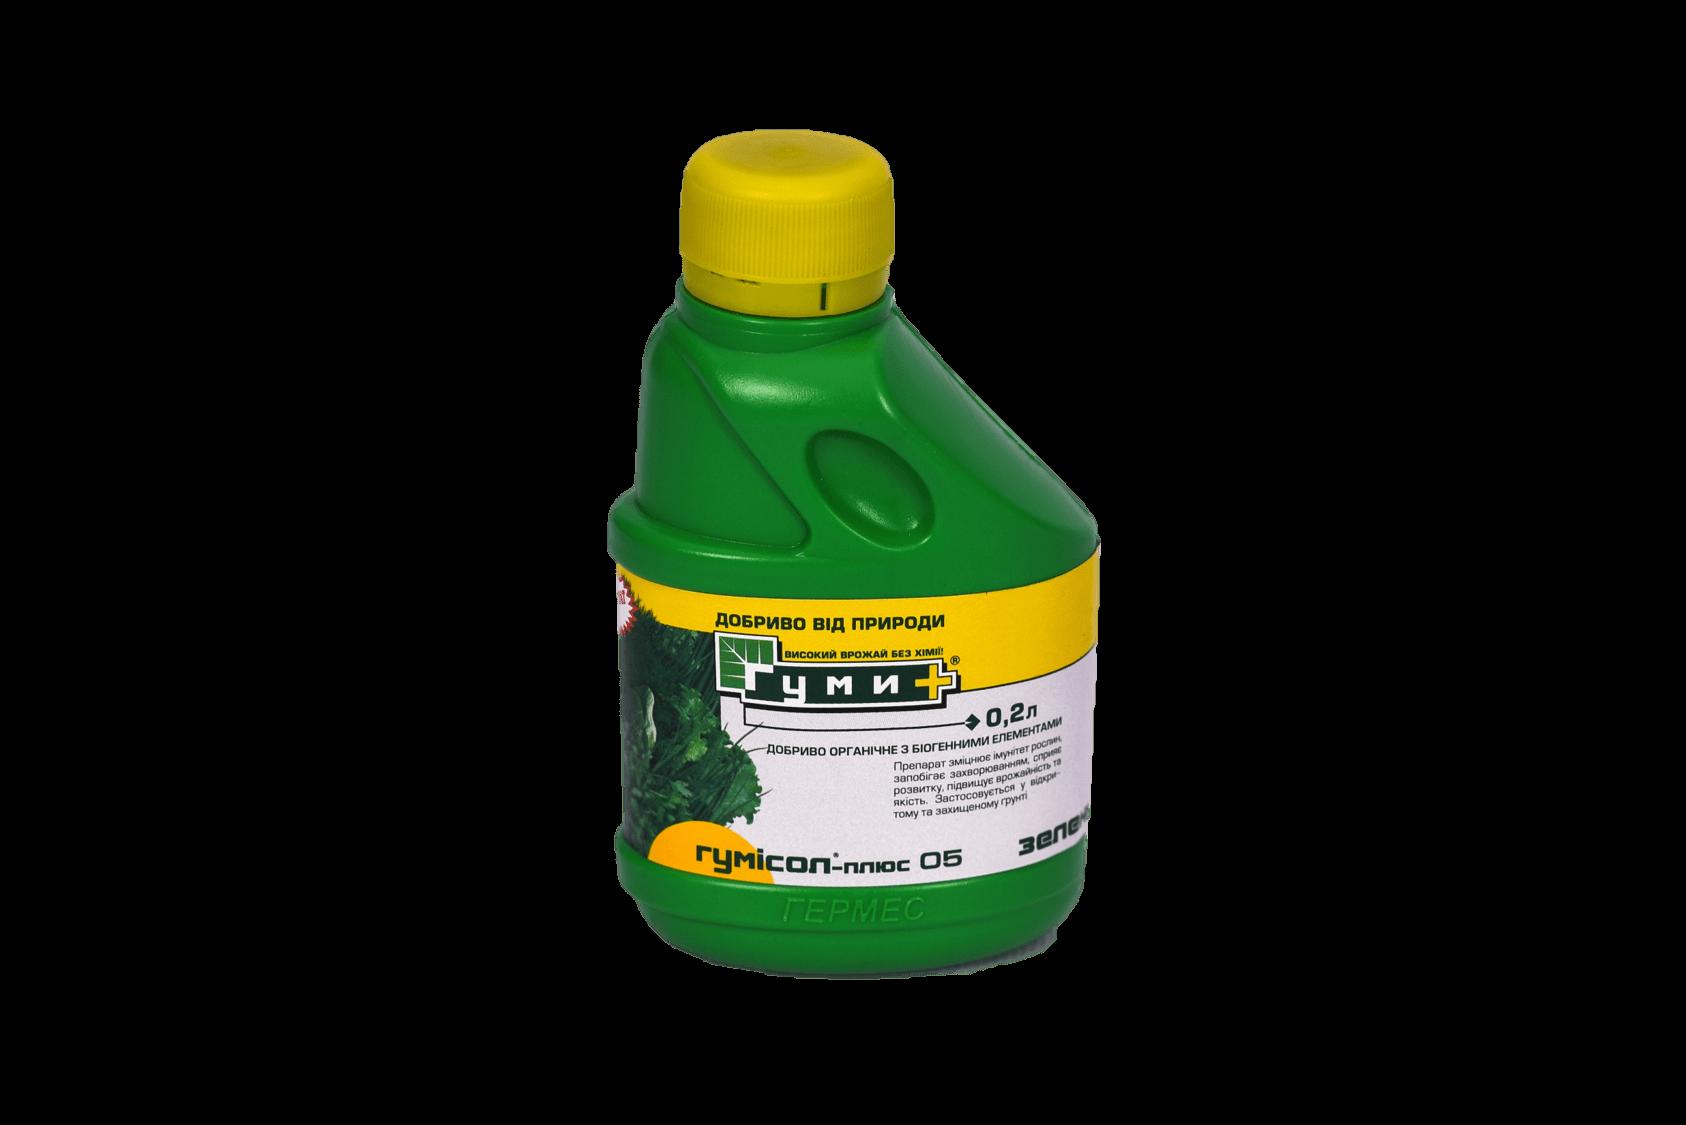 Гумісол- плюс Зеленні 0,2 л